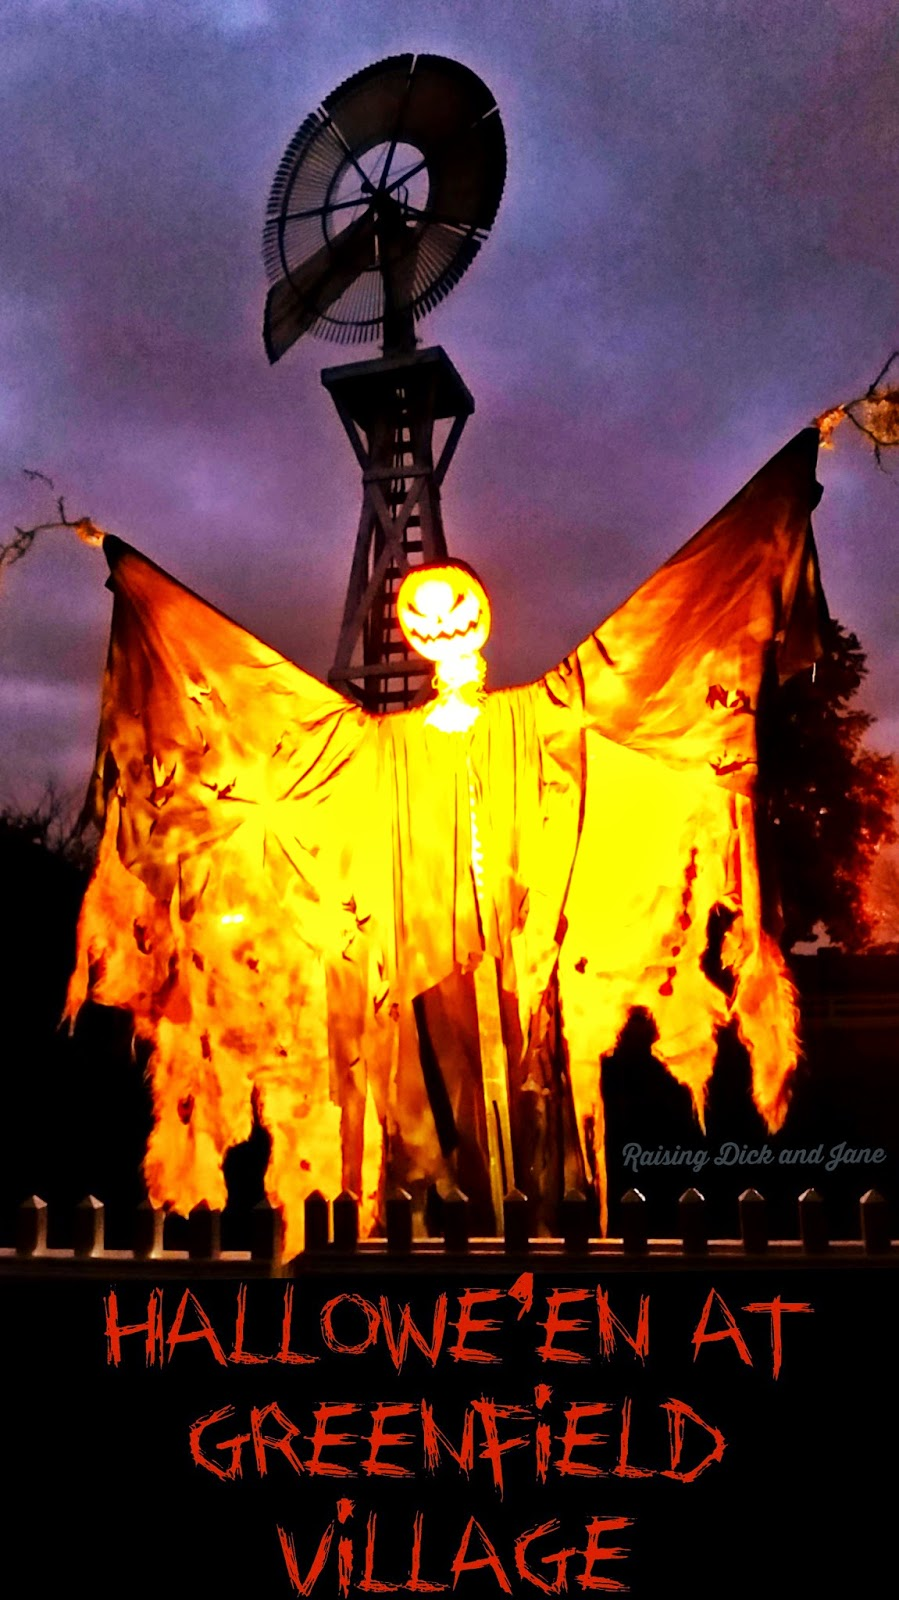 #ad Hallowe'en at Greenfield Village @HenryFord